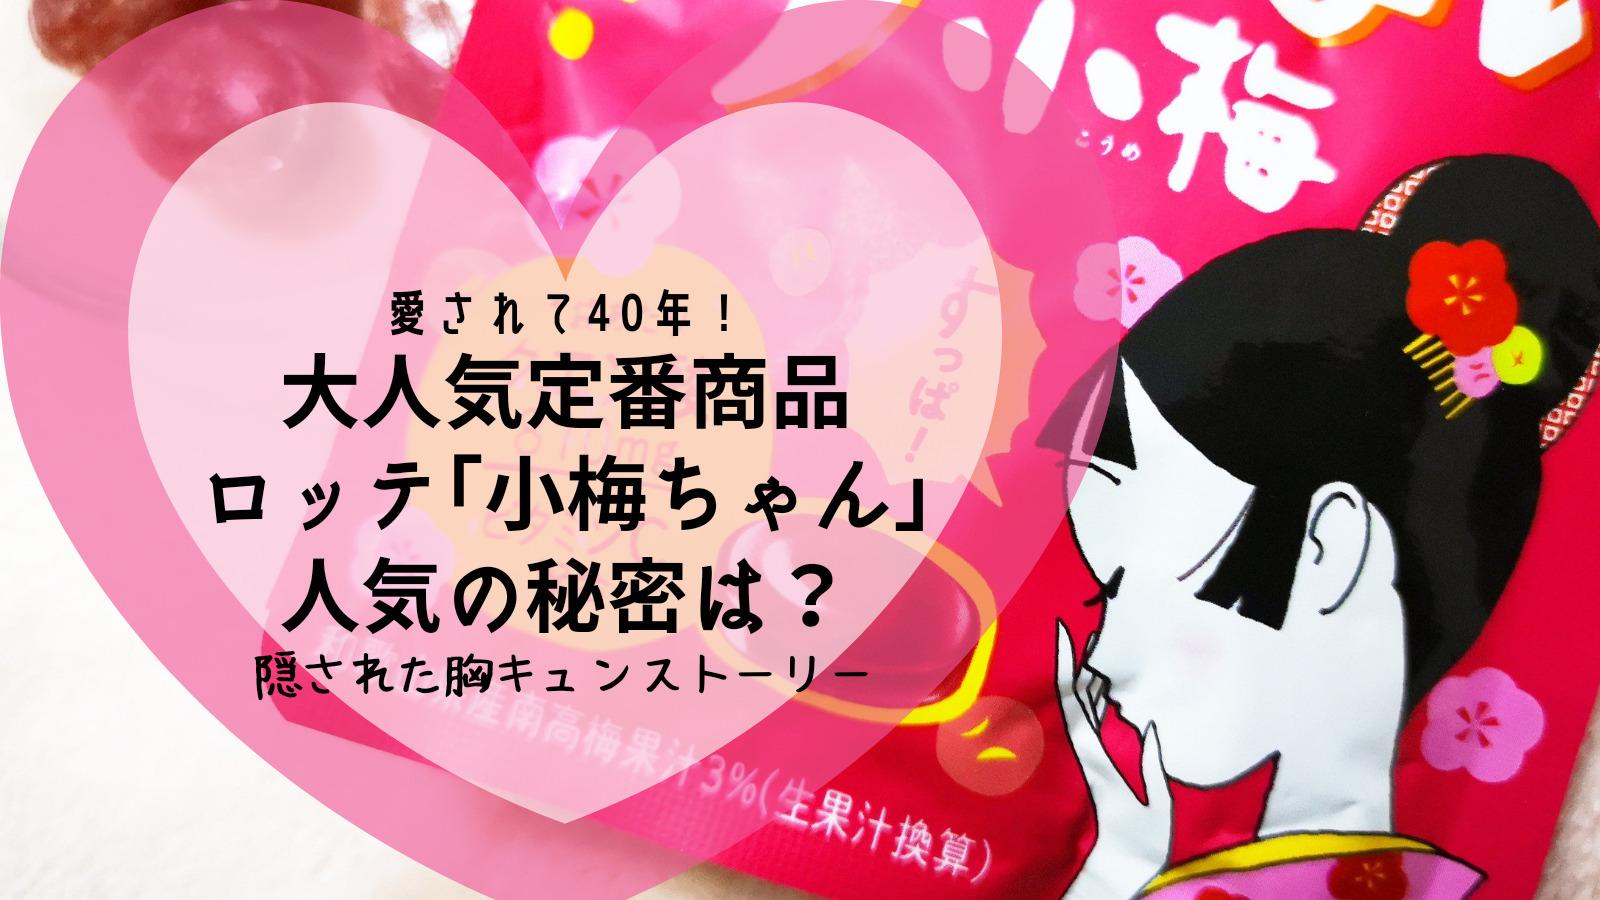 ロッテの人気商品「小梅」ちゃん 人気の秘密は?切ない胸キュンストーリー